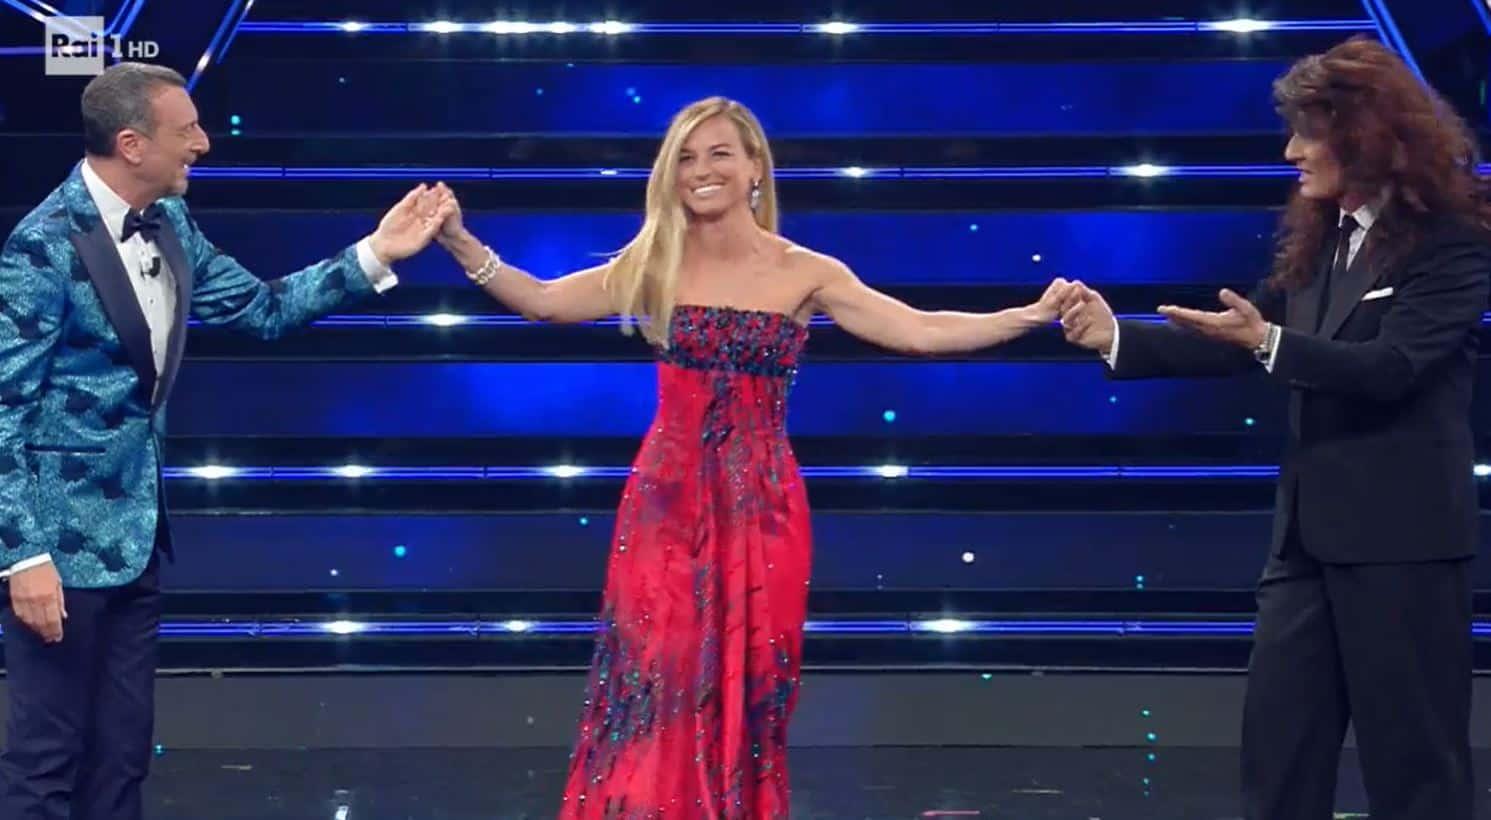 Ascolti Sanremo 2021 quarta serata 5 marzo: la lunga notte di Amadeus e Fiorello